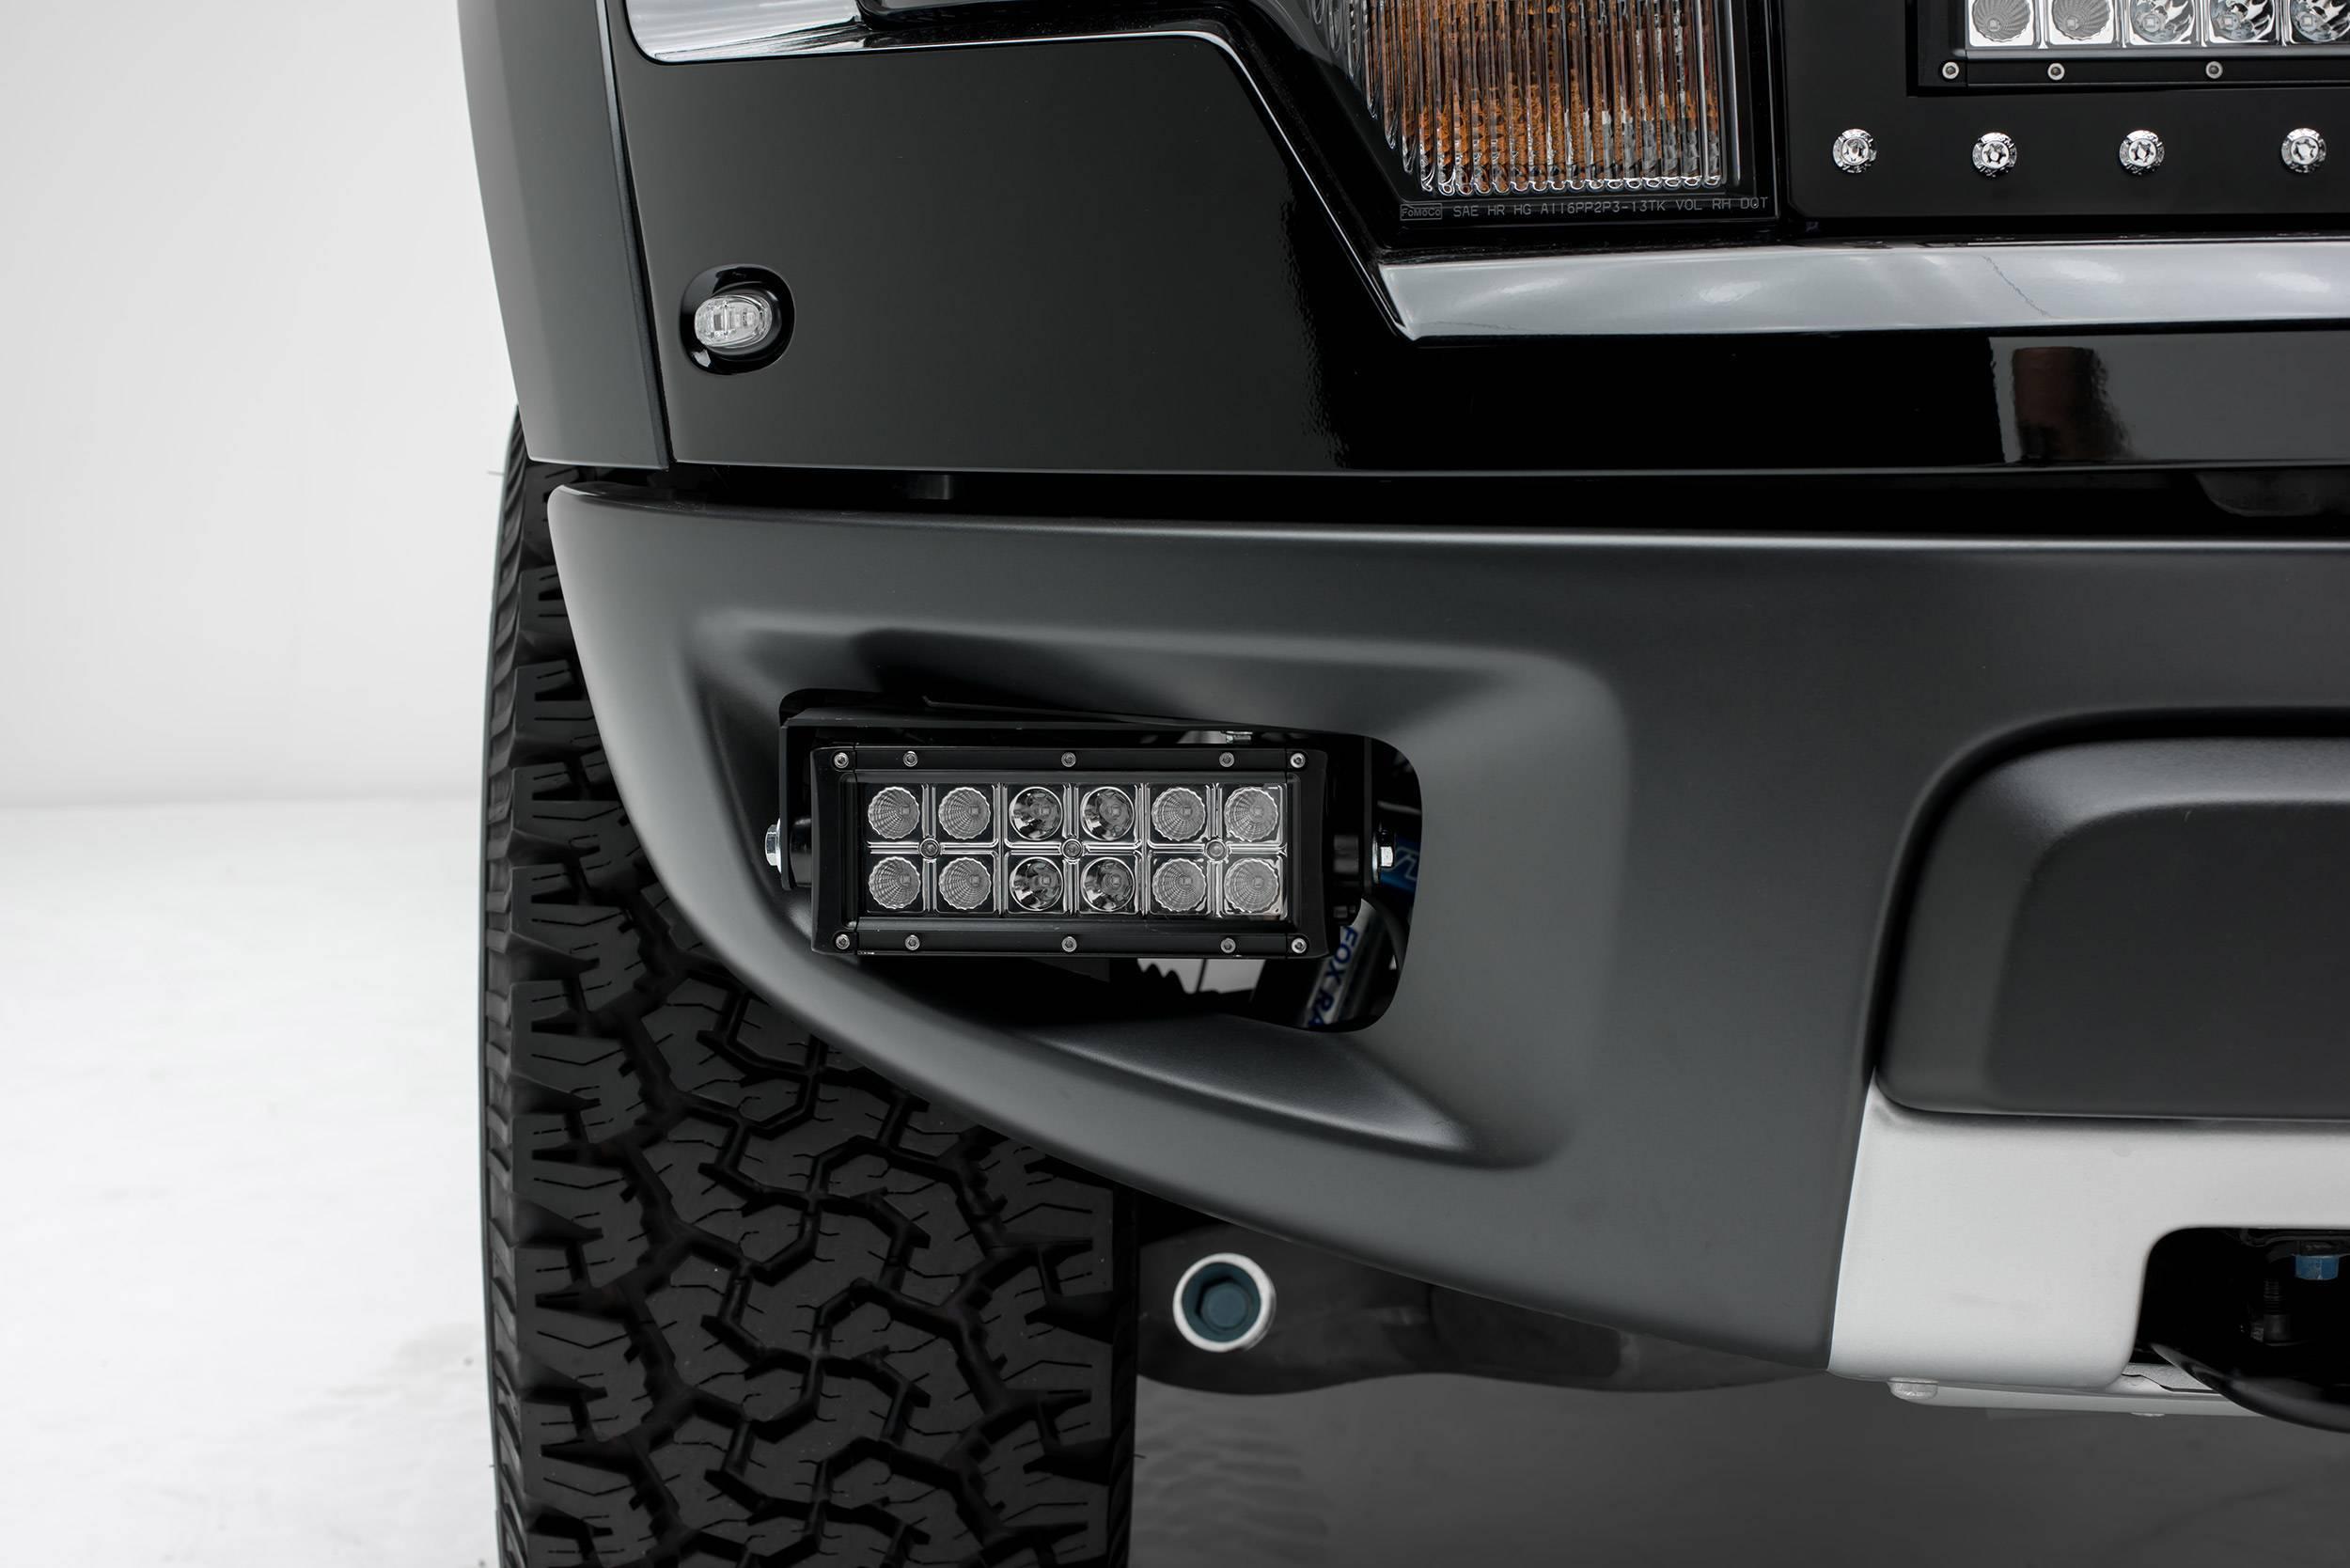 ZROADZ - 2010-2014 Ford F-150 Raptor Front Bumper OEM Fog LED Bracket to mount (1) 6 Inch LED Light Bar per side - PN #Z325651